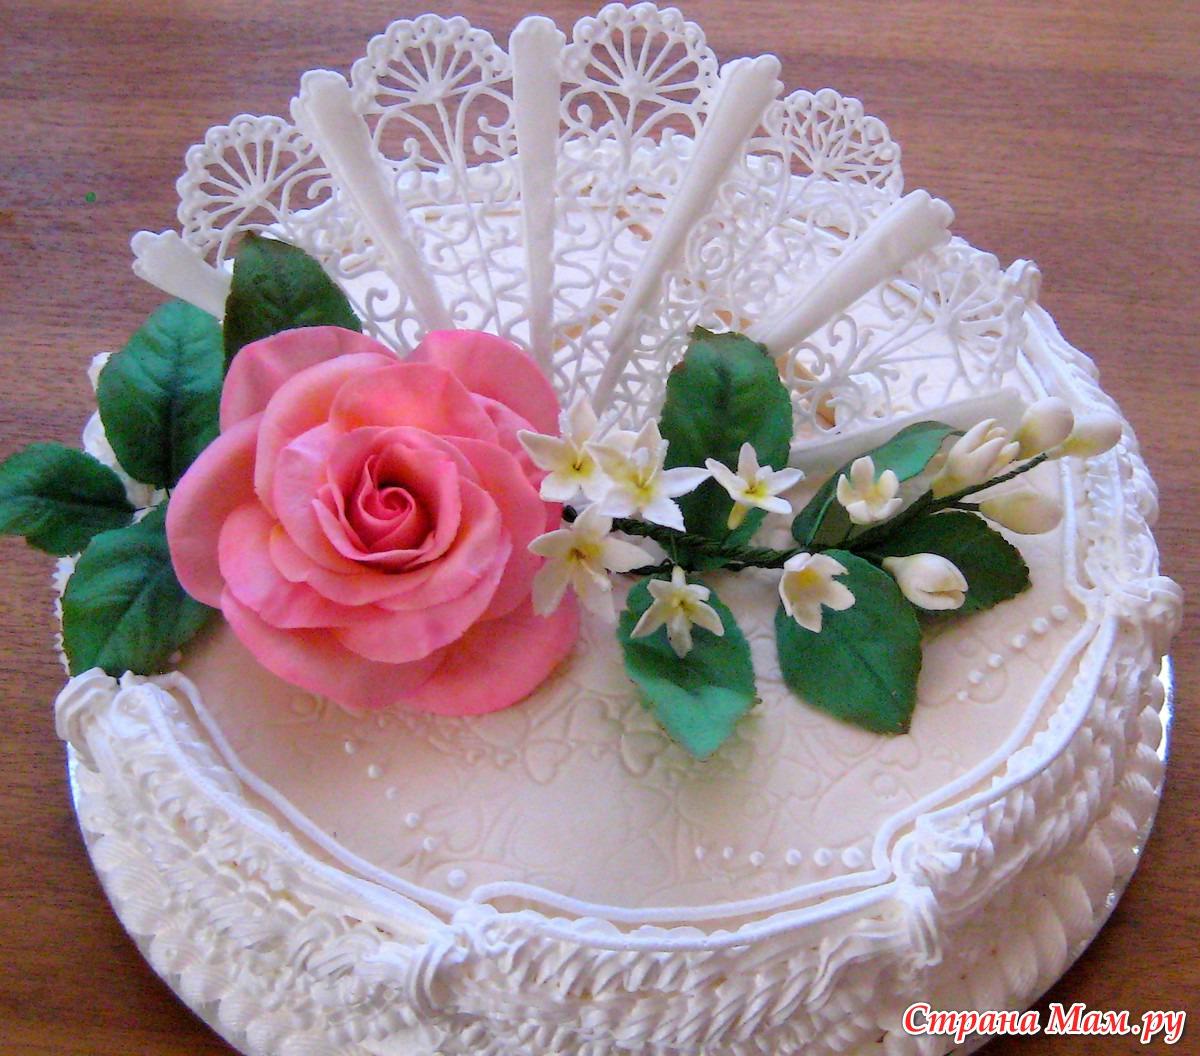 Профессиональные украшения для торта фото